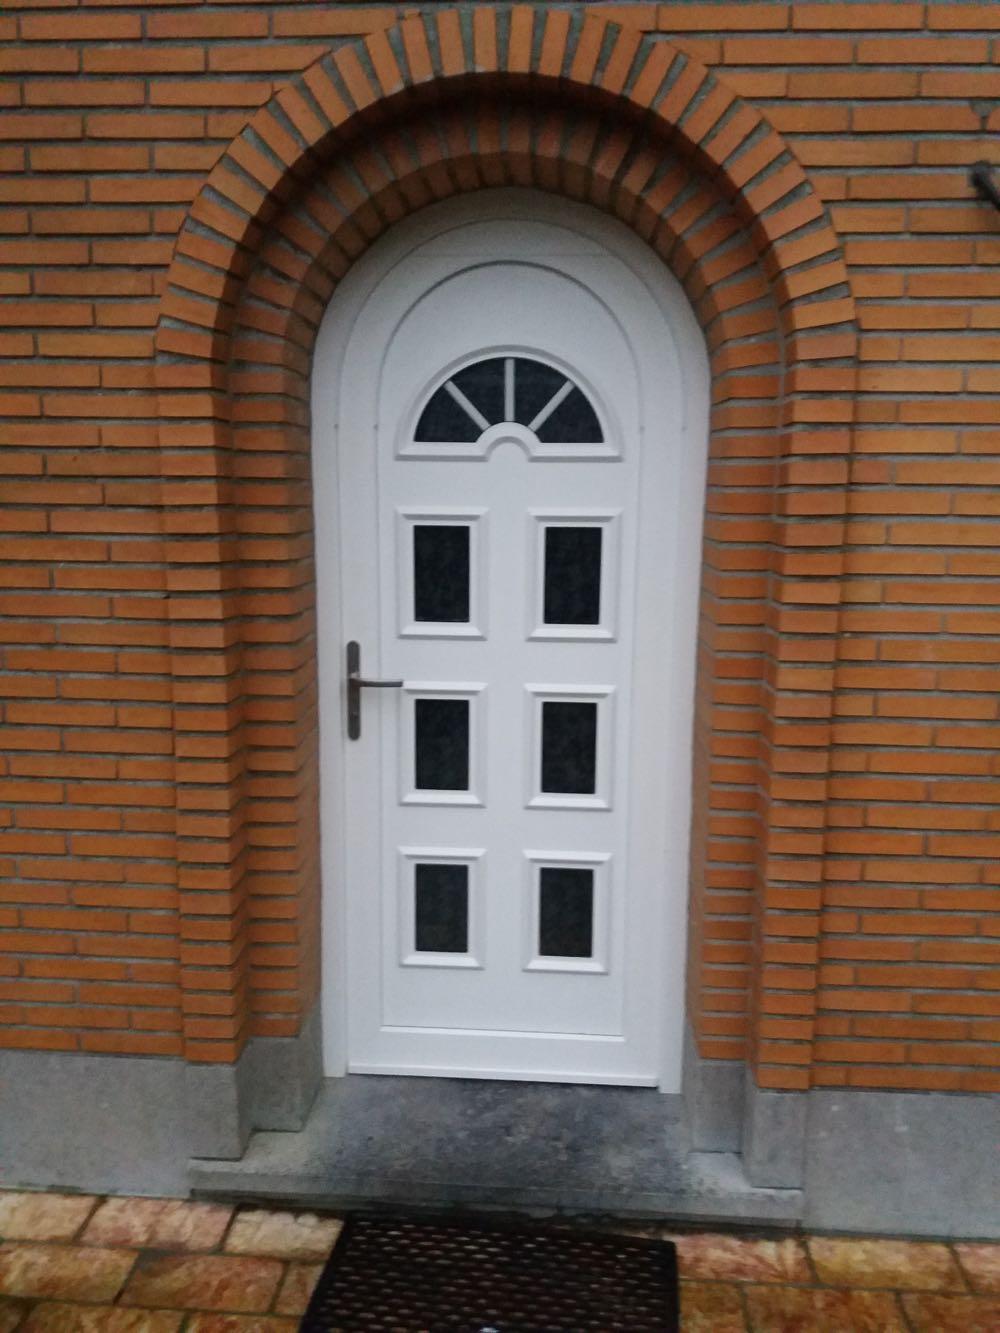 remplacement d'une porte d'entrée en PVC